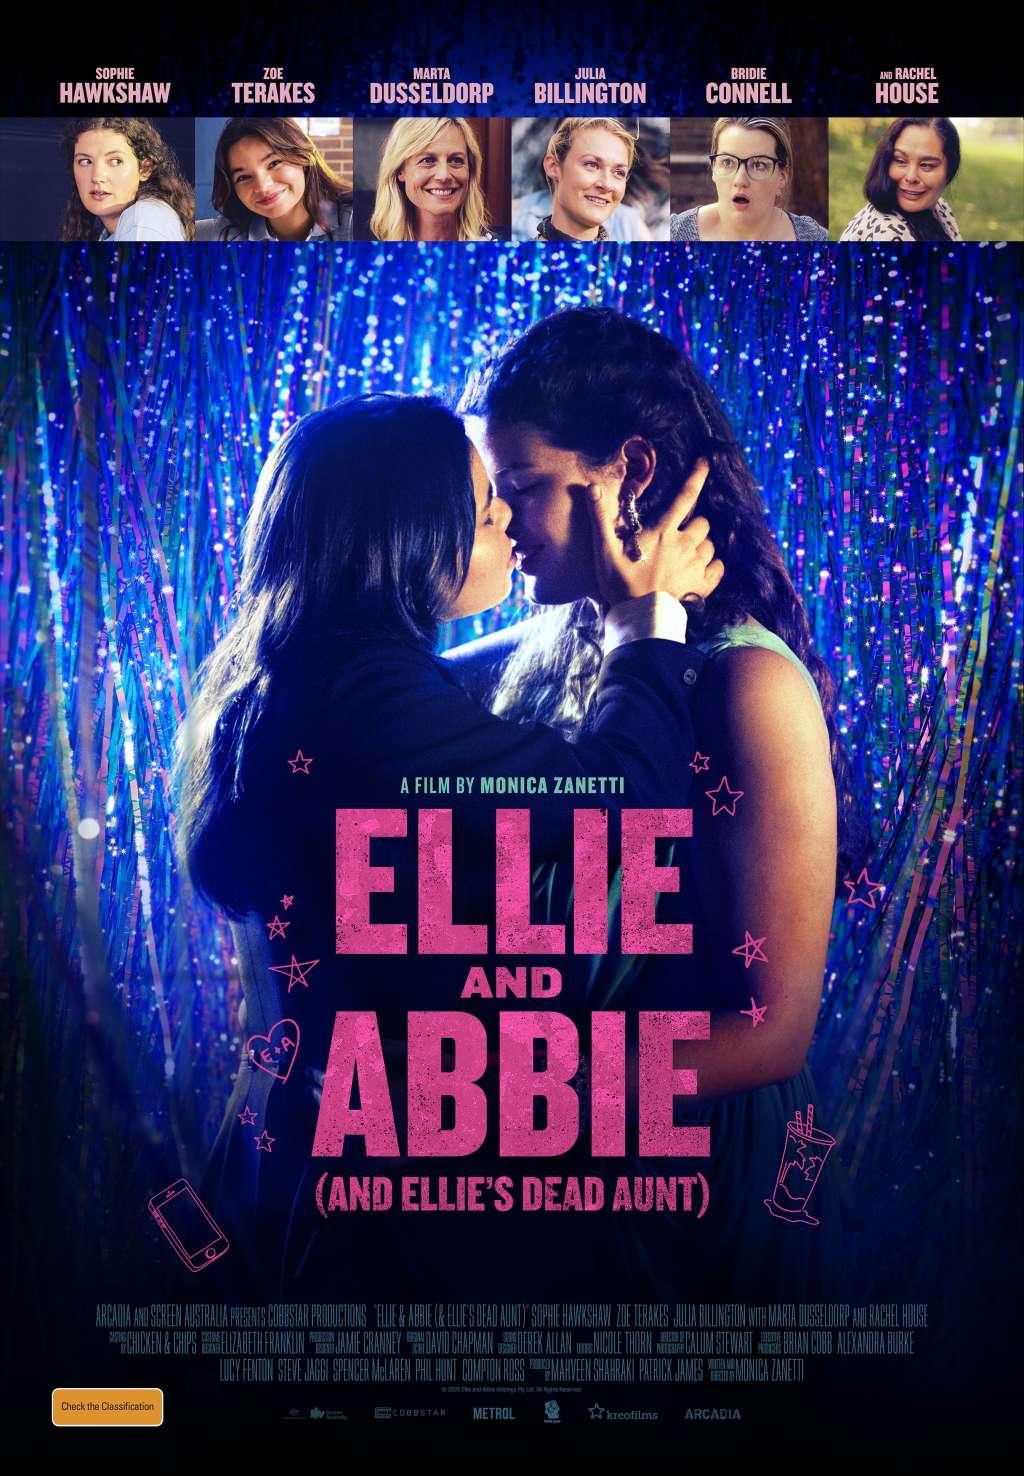 Ellie & Abbie (& Ellie's Dead Aunt) kapak